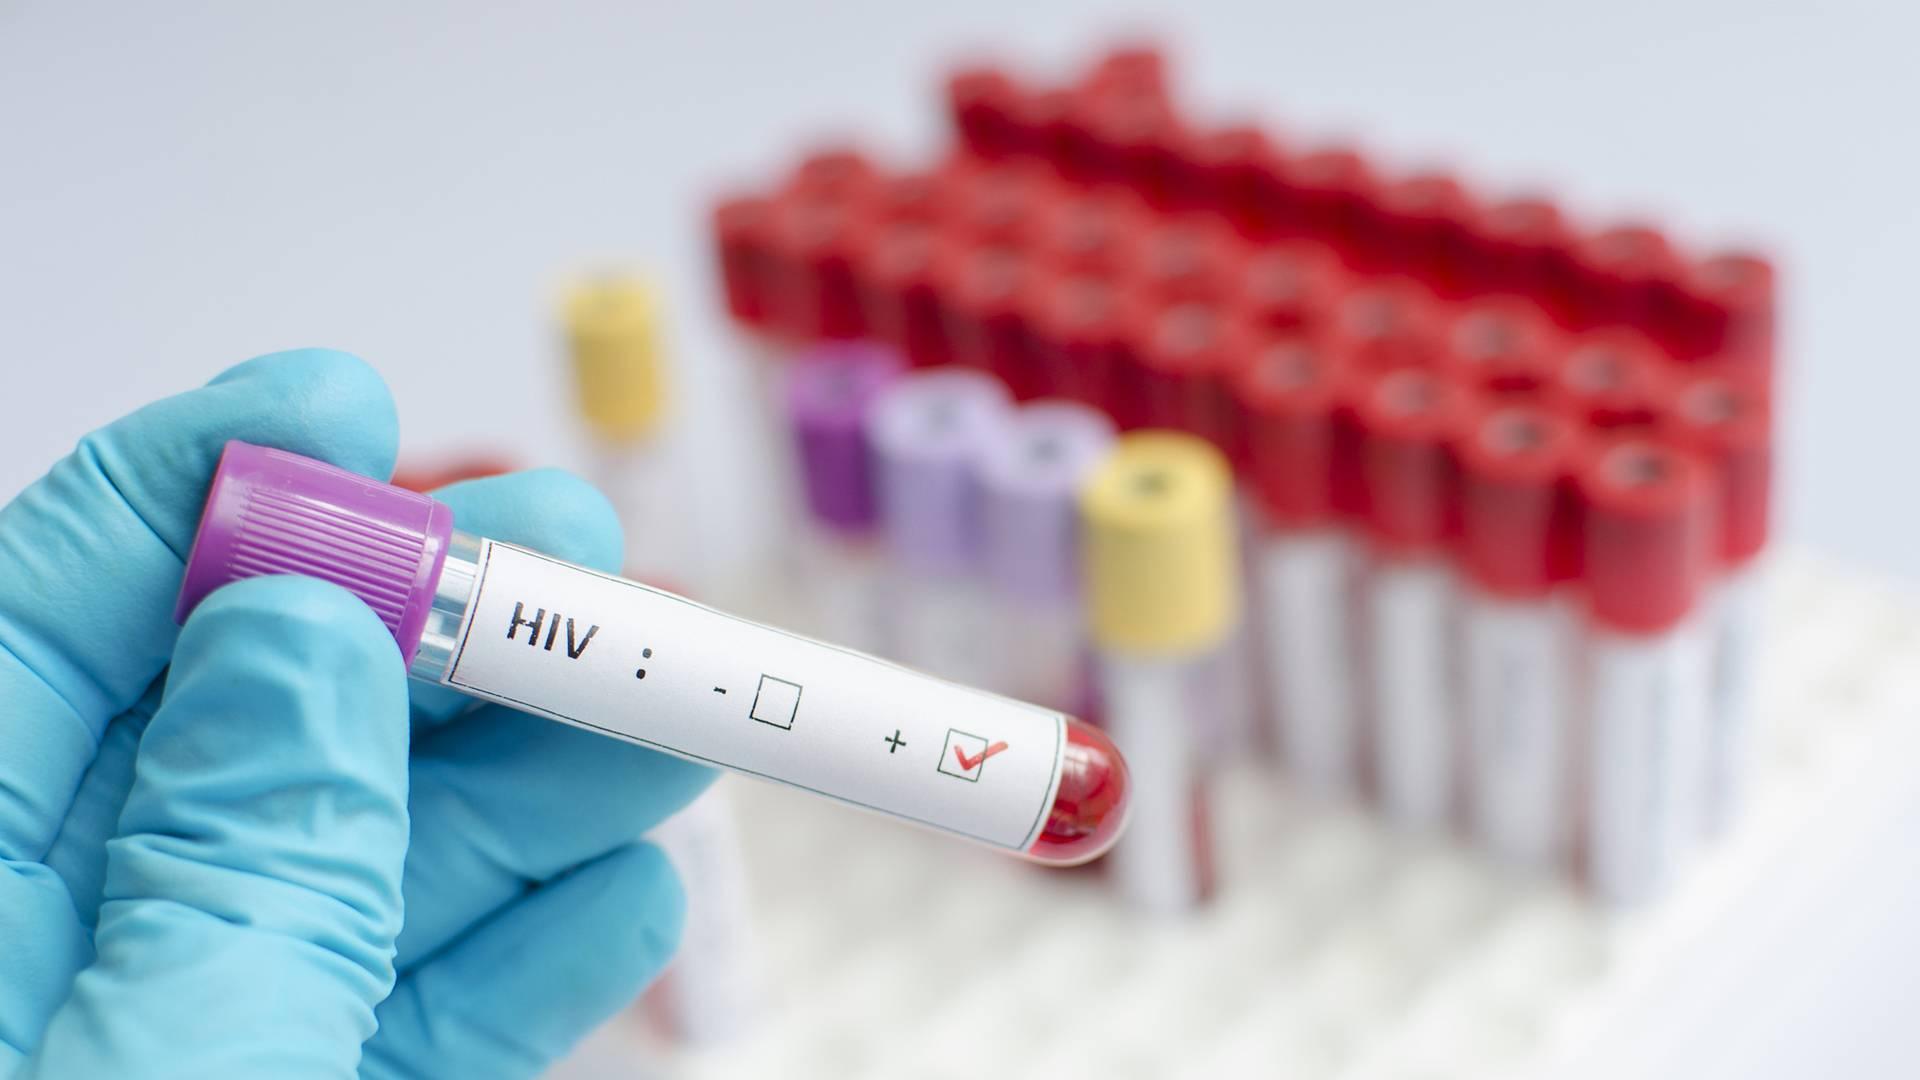 Estudio científico comprueba que ciertos medicamentos detienen la transmisión de la enfermedad del Sida